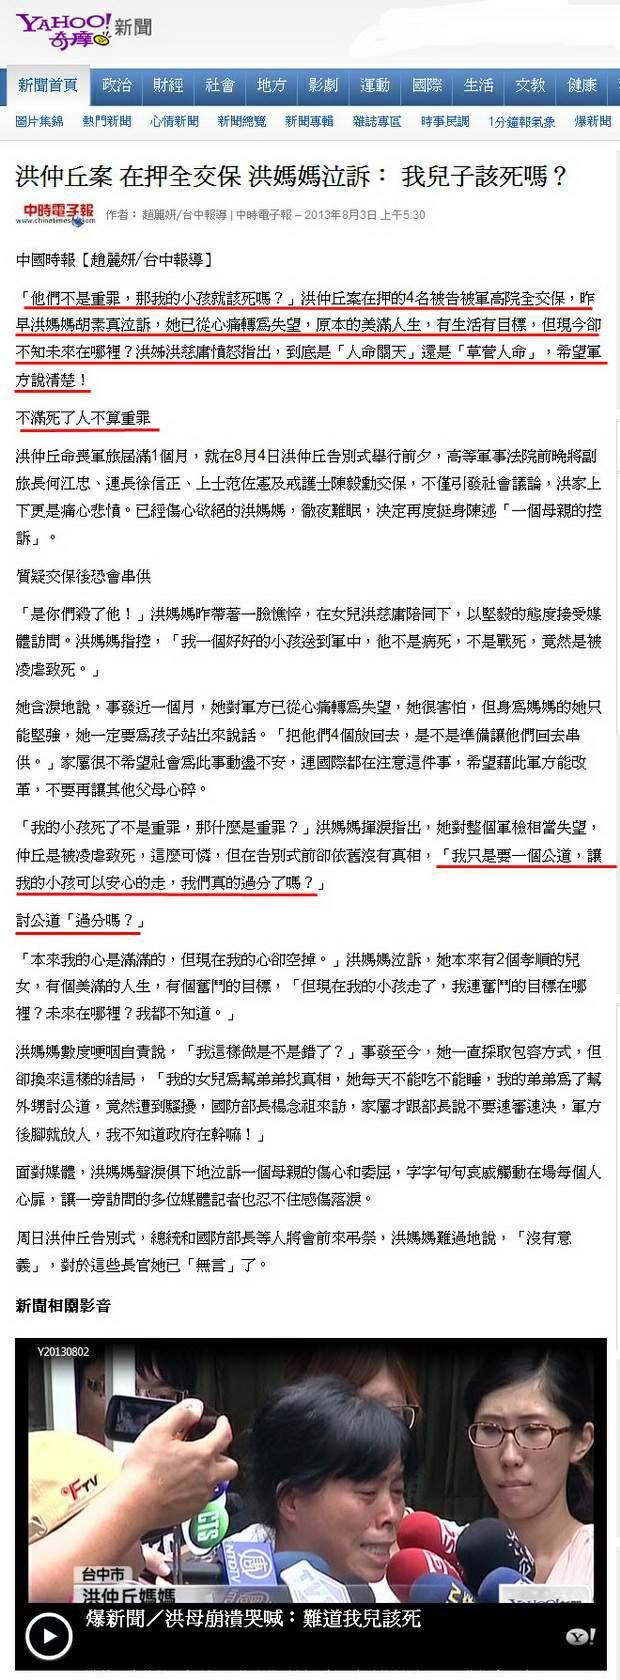 洪仲丘案 在押全交保 洪媽媽泣訴: 我兒子該死嗎?-2013.08.03.jpg